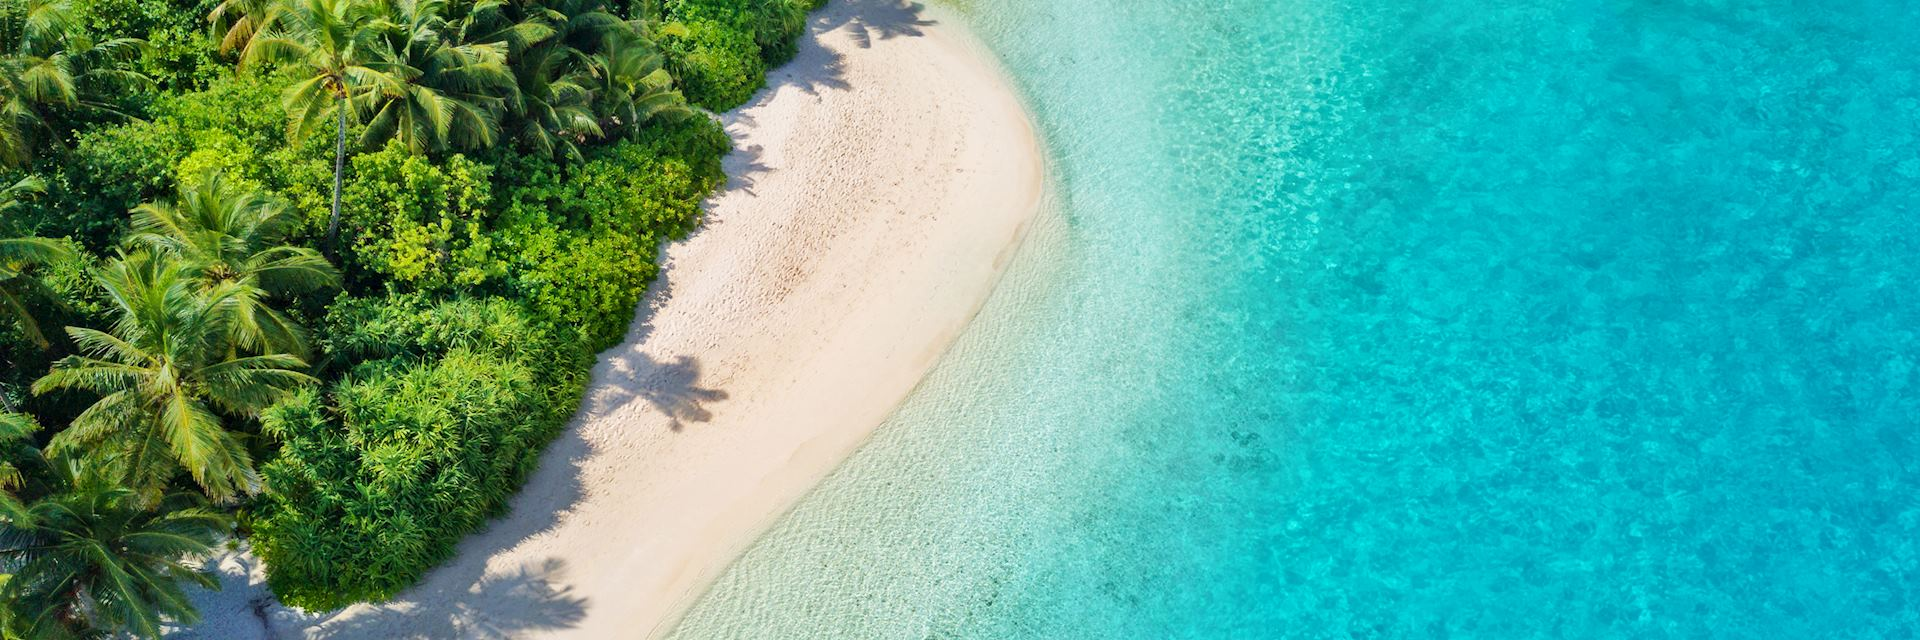 Maldives beach aerial view